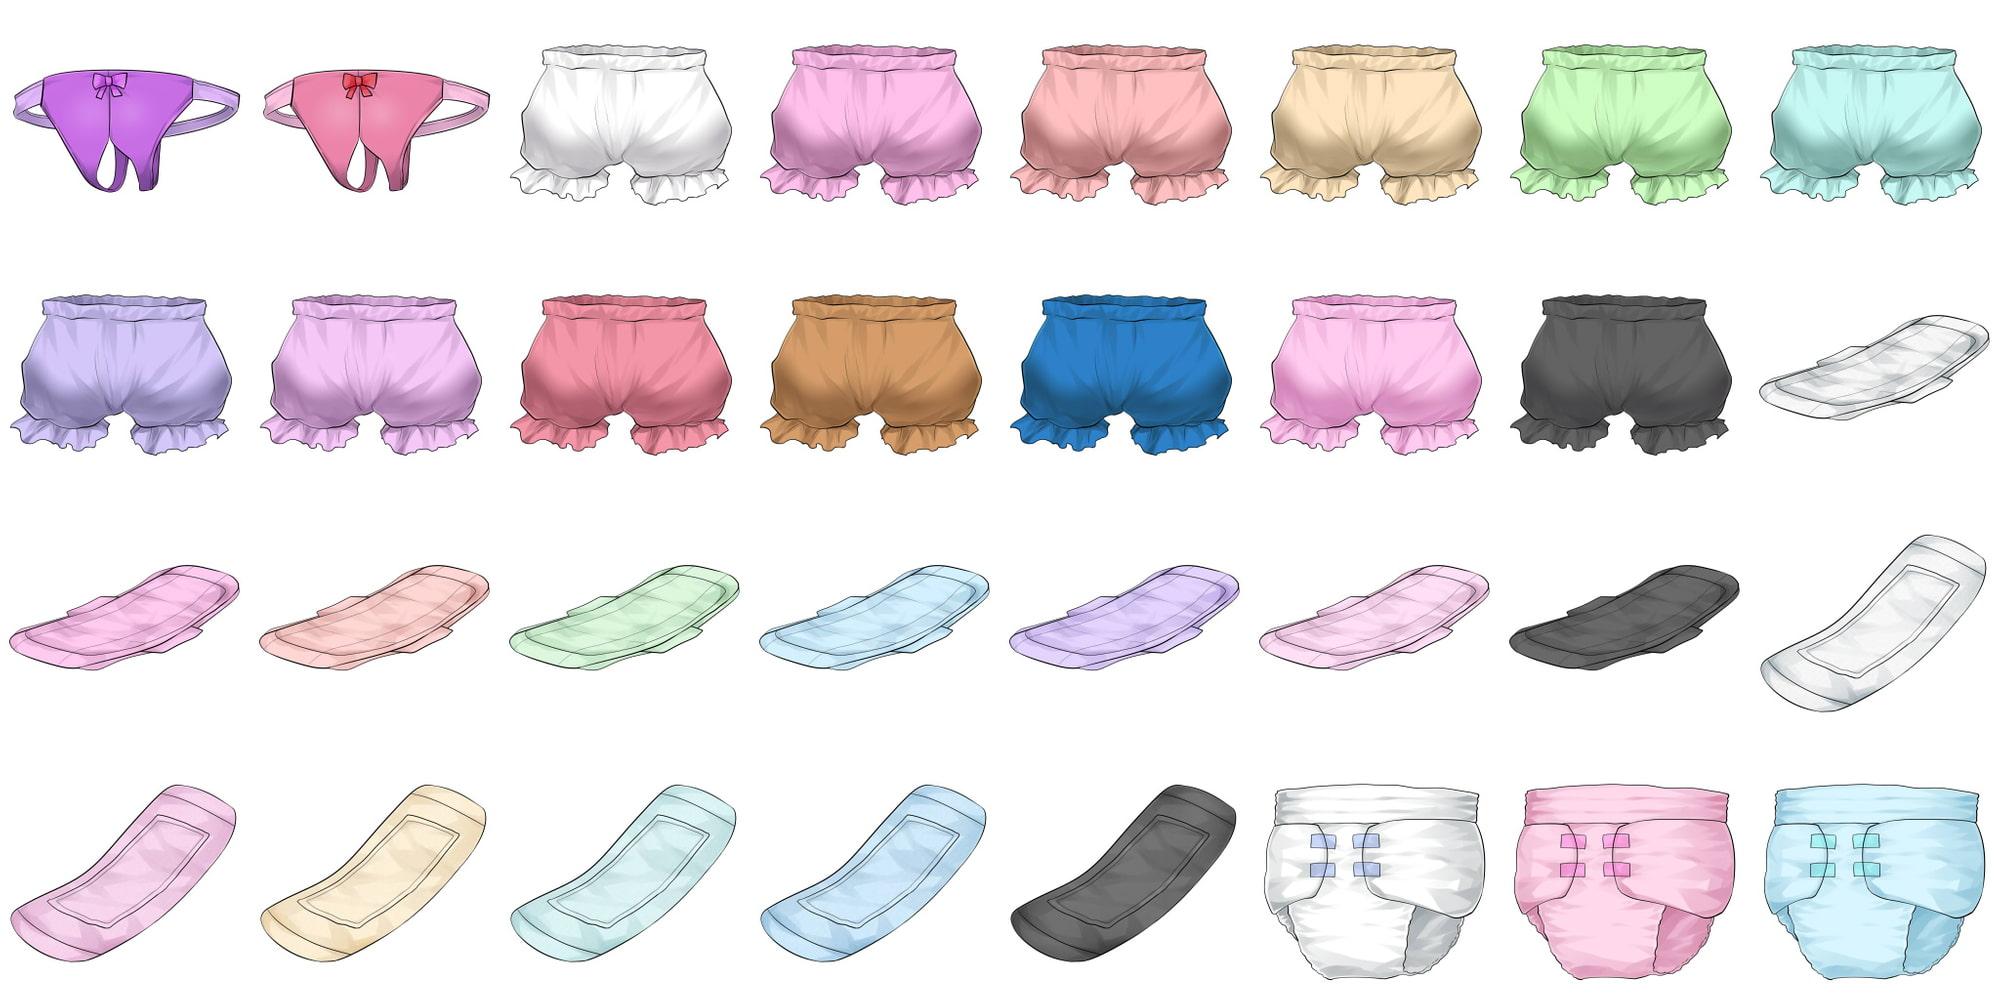 成人向けイラストアイコン素材集 Type.002 - 女性用のパンツと下着